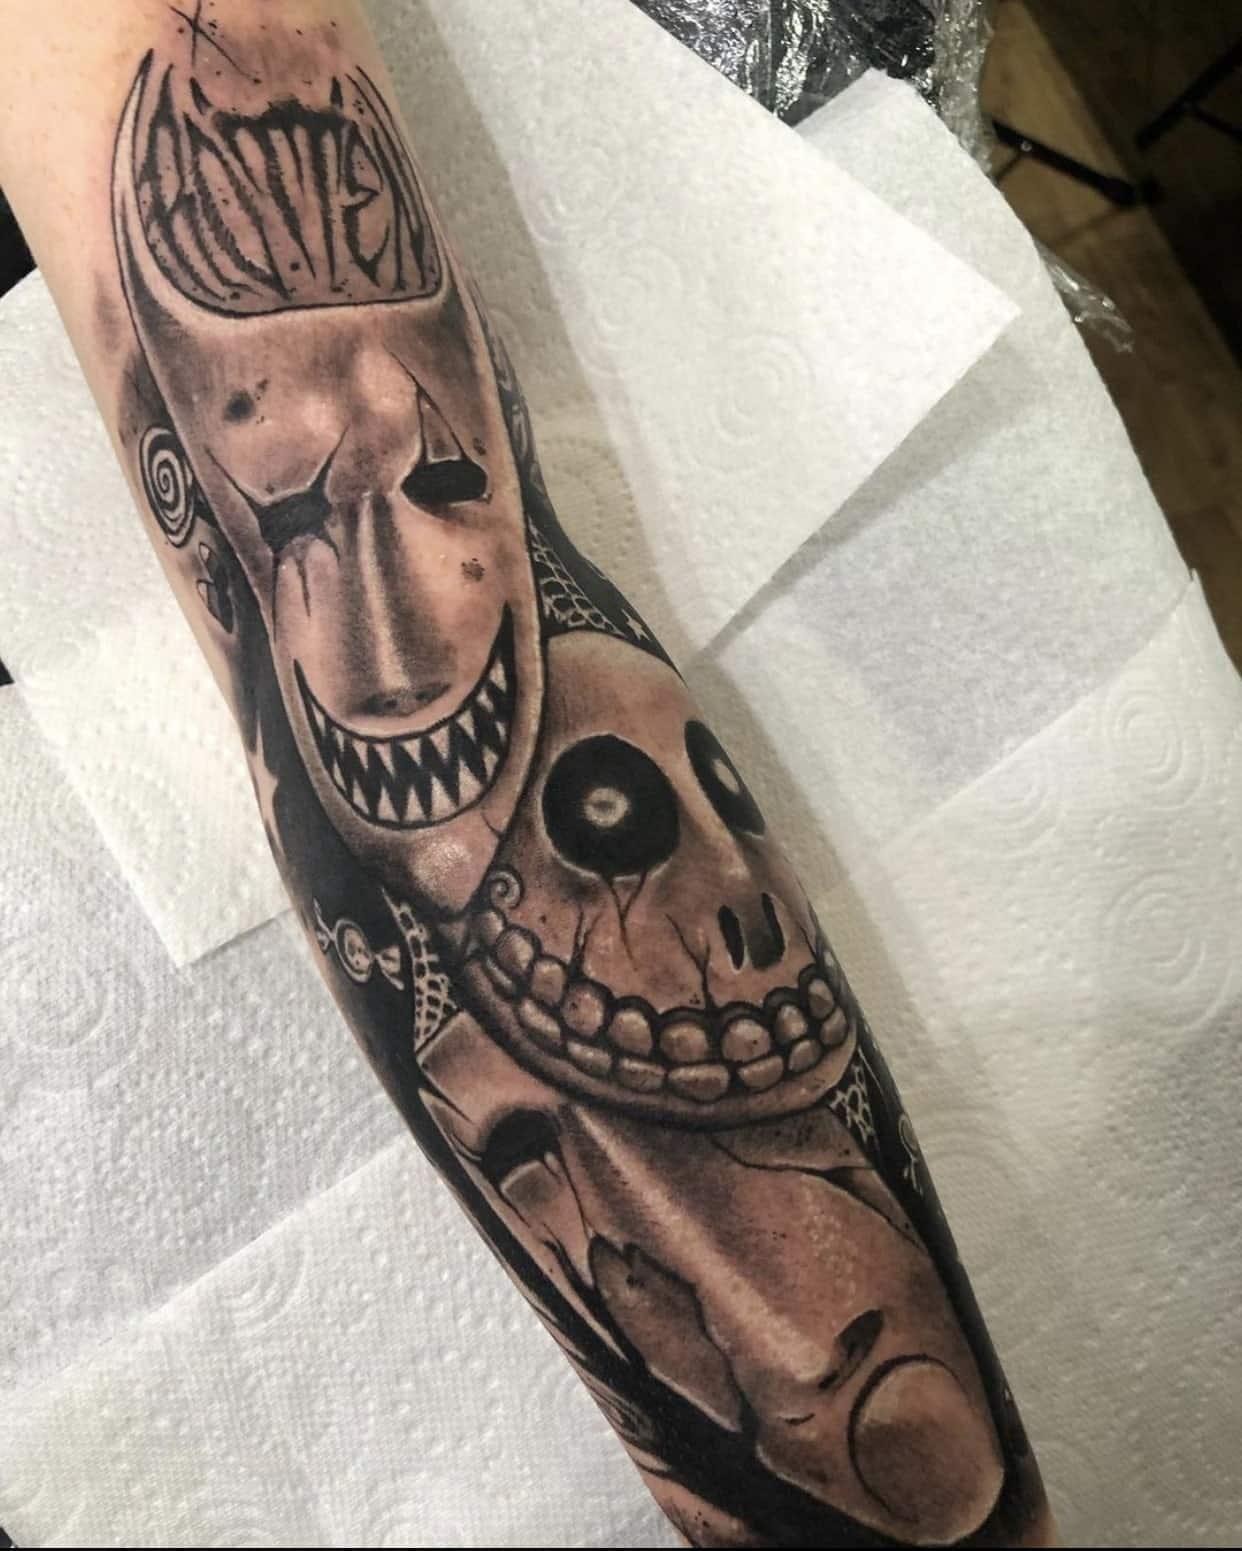 lowri-elizabeth-rogers-cardiff-tattoo-artist-3-masks